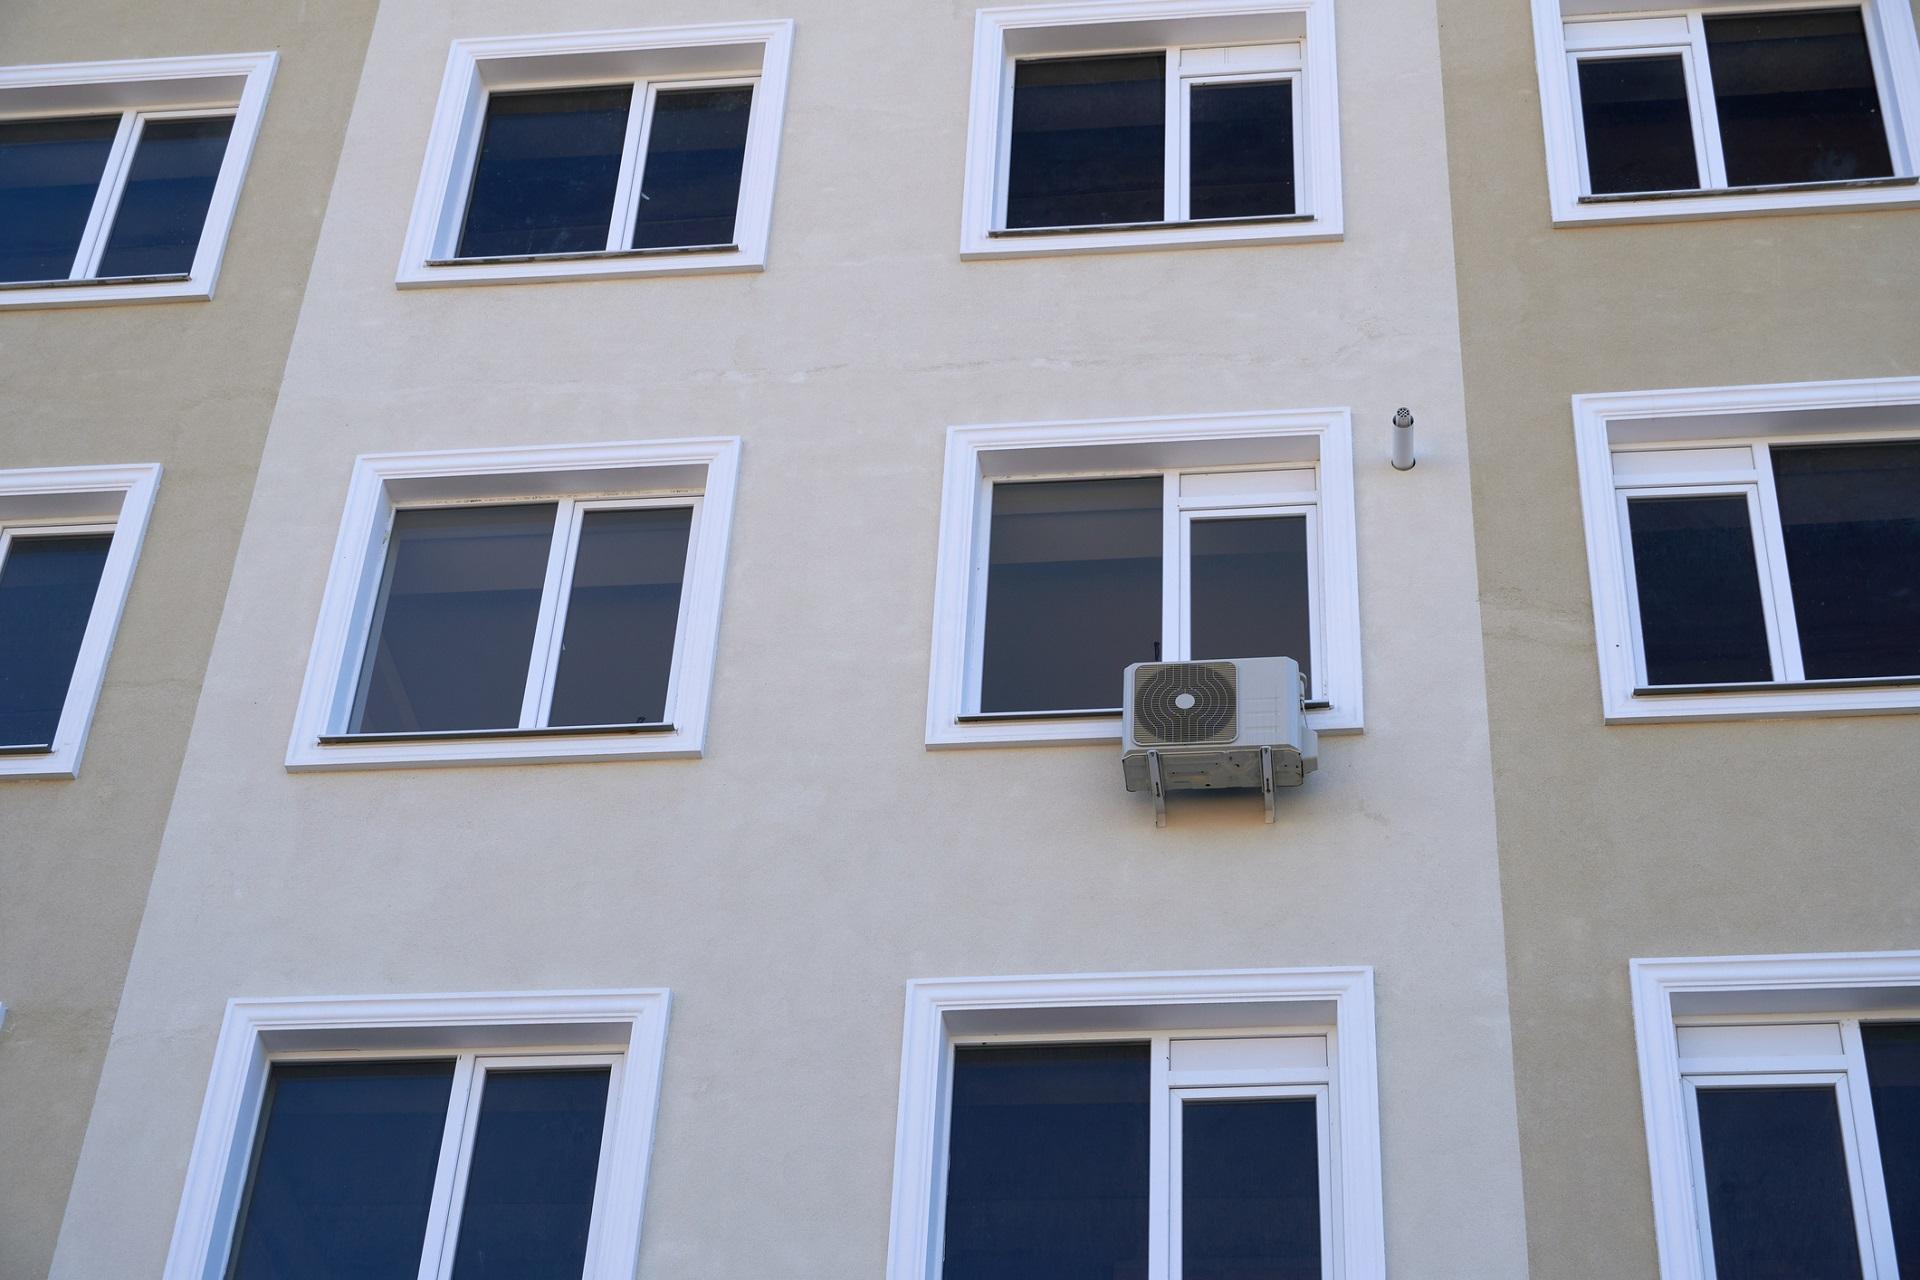 Jakie warunki należy spełnić, by móc zamontować klimatyzację w bloku?